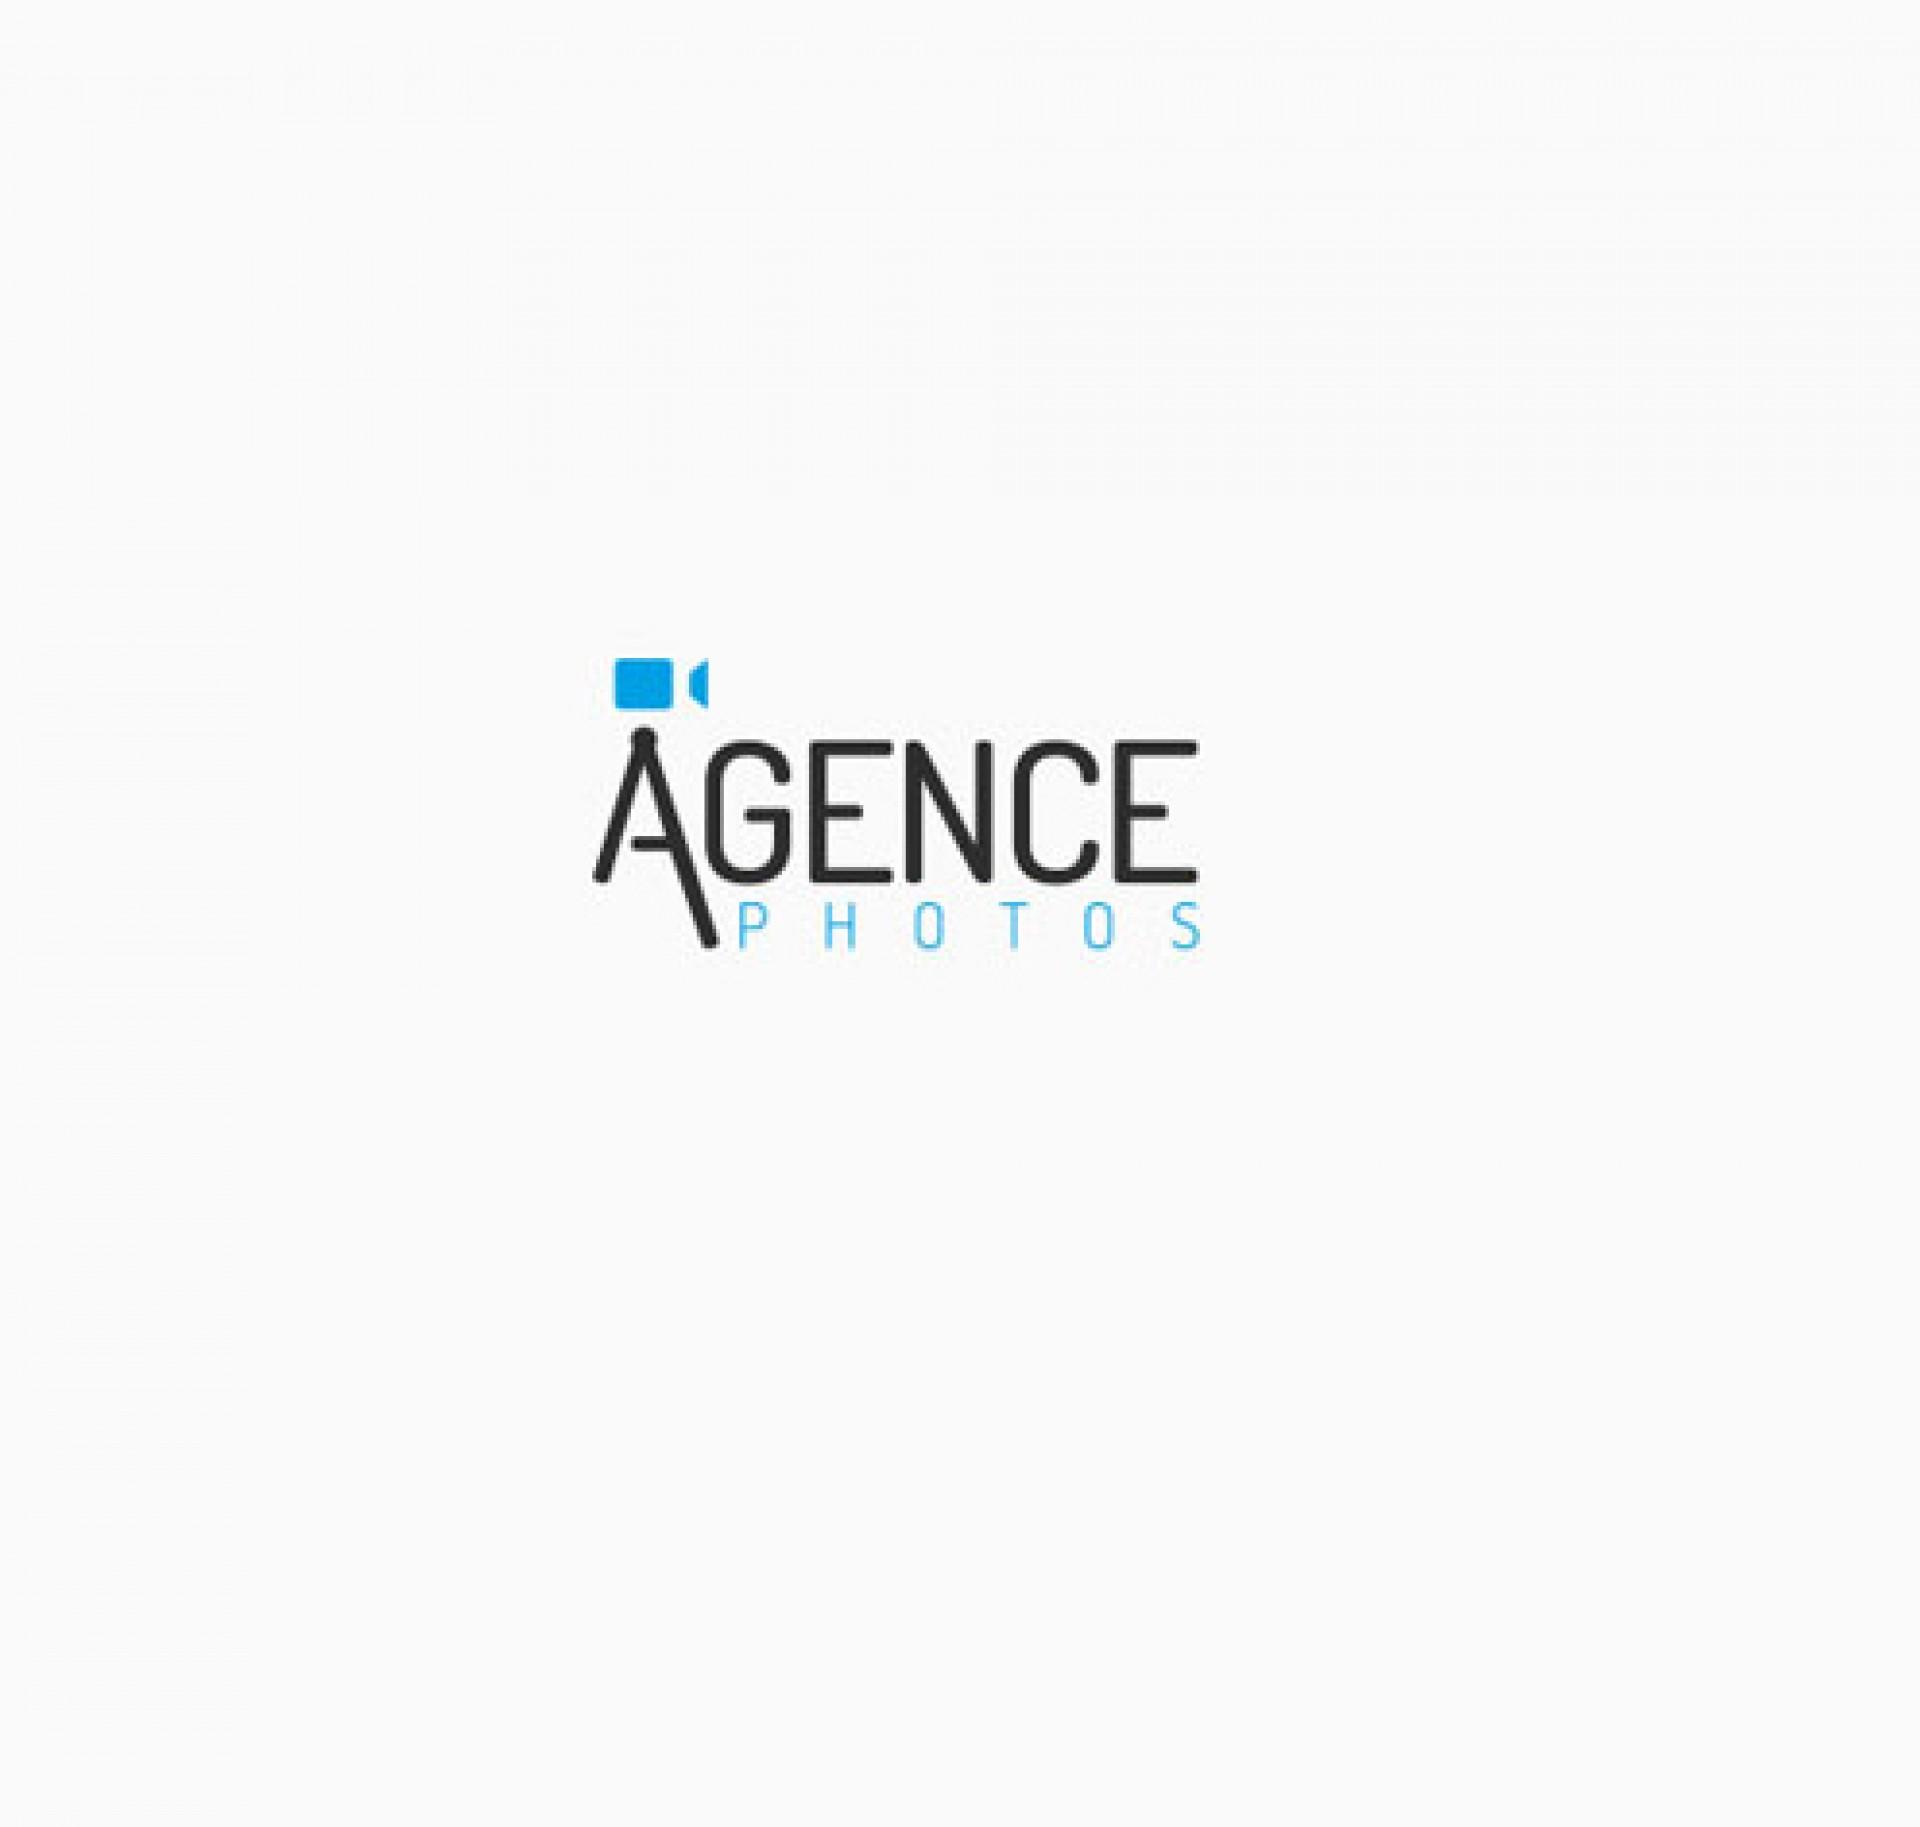 Agence Photos logo